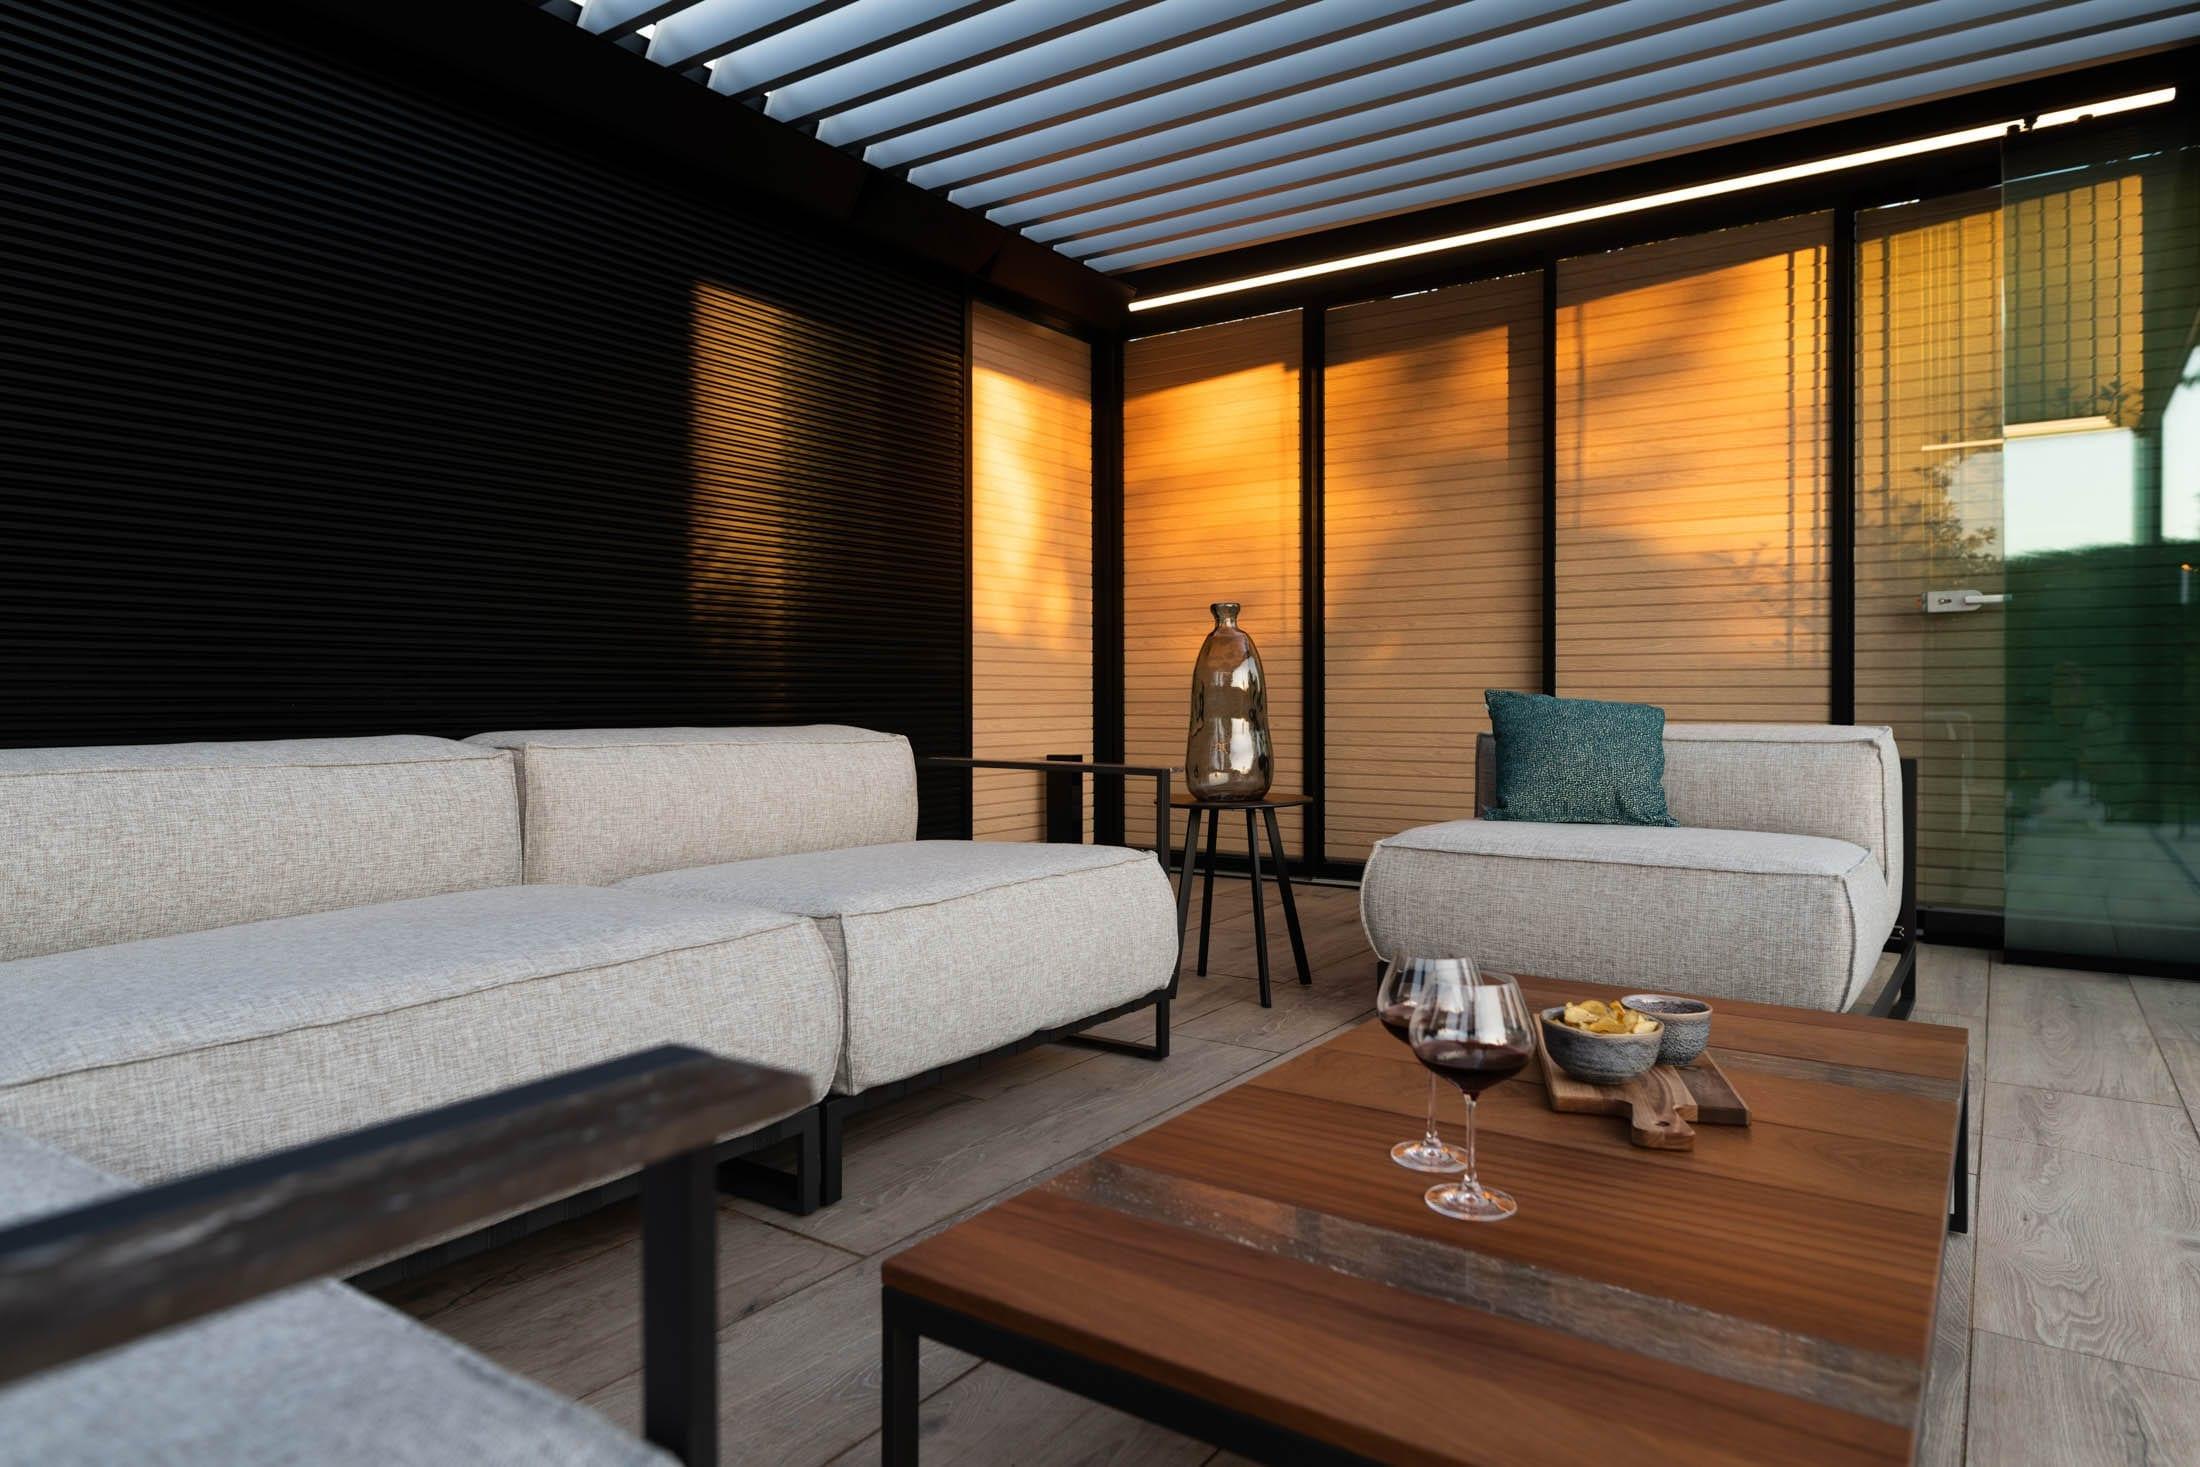 Interieur Luxe overkapping met lamellen